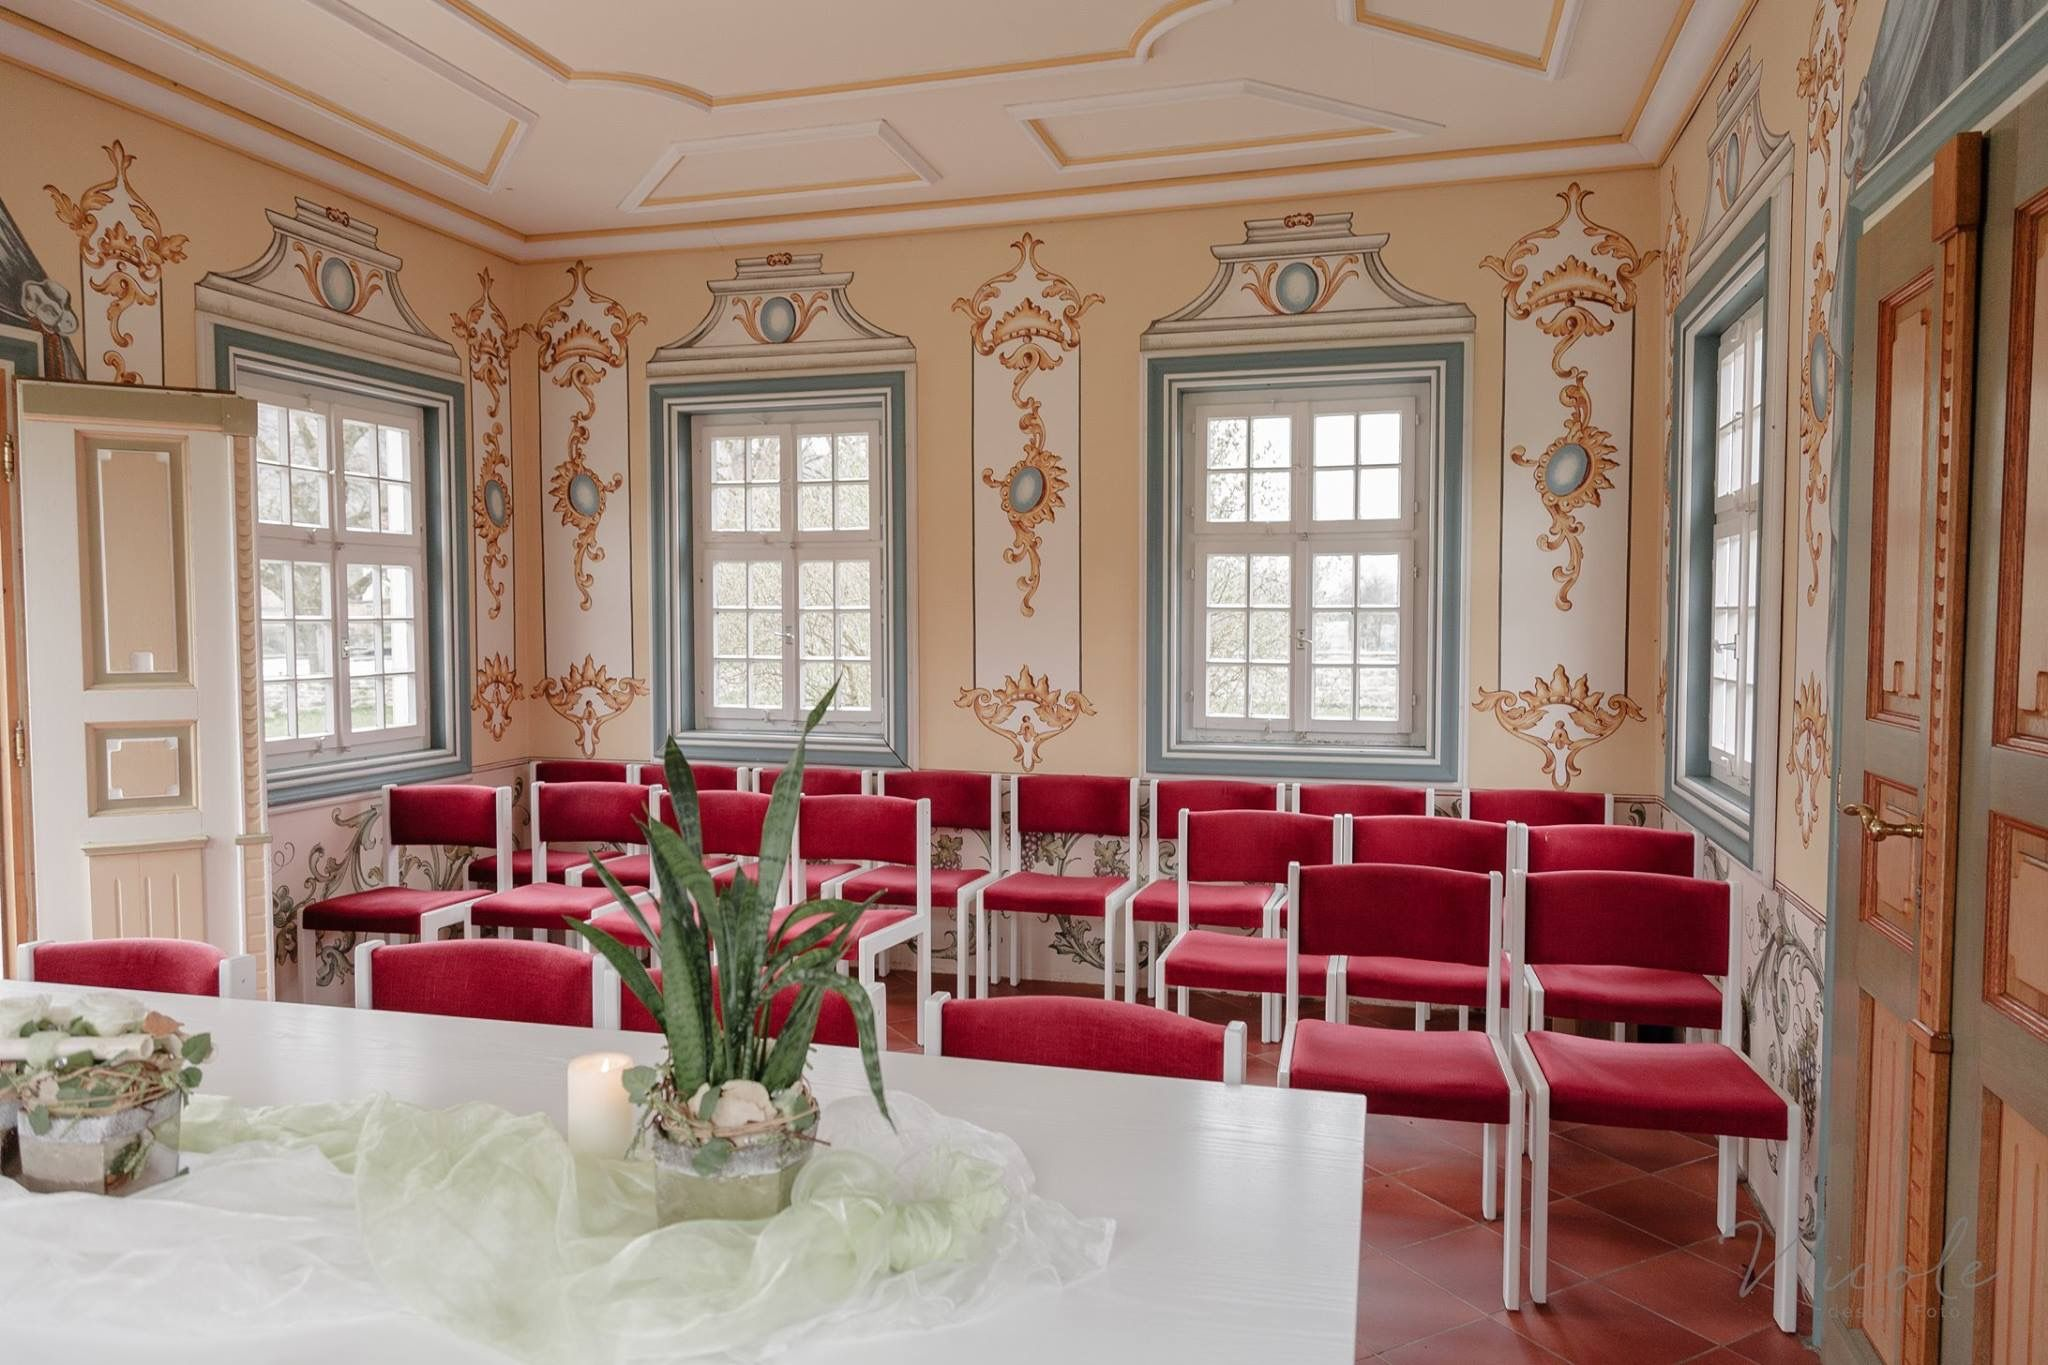 Hochzeit Standesamt Ja Wort Teehaus Gold Alt Barokk Vintage Trauung Wedding Forchtenberg Ohringen Hochzeitsf Hochzeitsfotografie Fotografie Teehaus